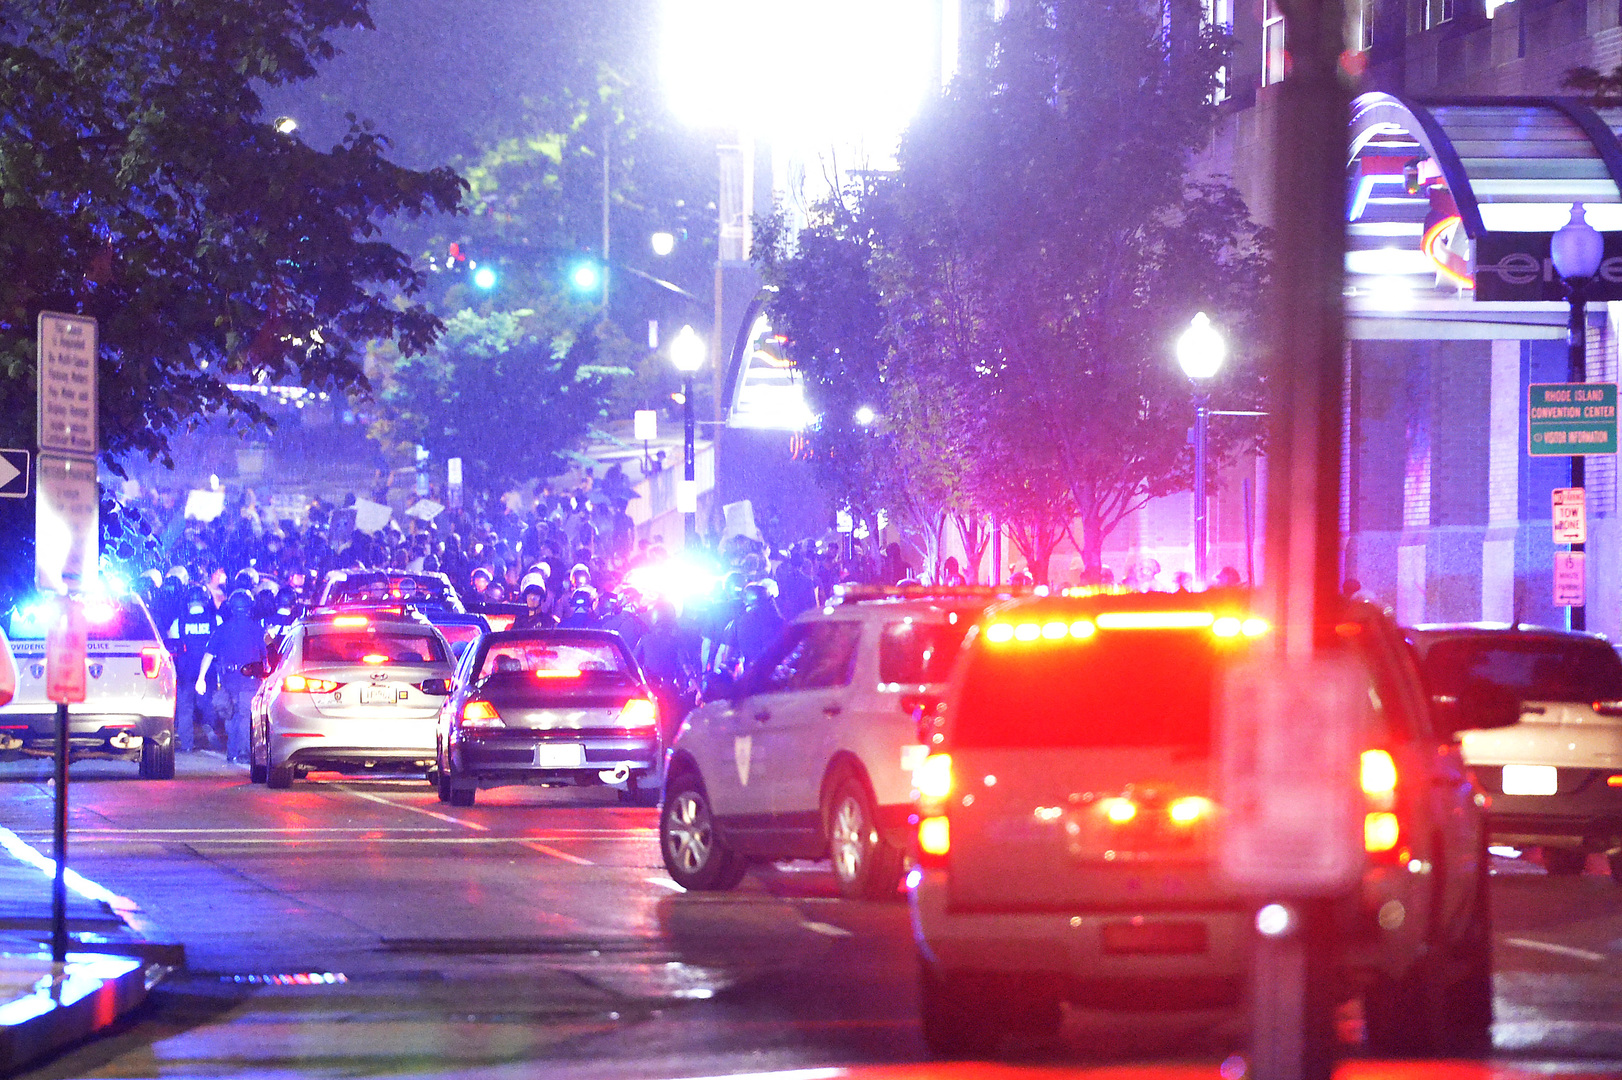 إصابة 9 أشخاص على الأقل في إطلاق نار بولاية رود آيلاند الأمريكية